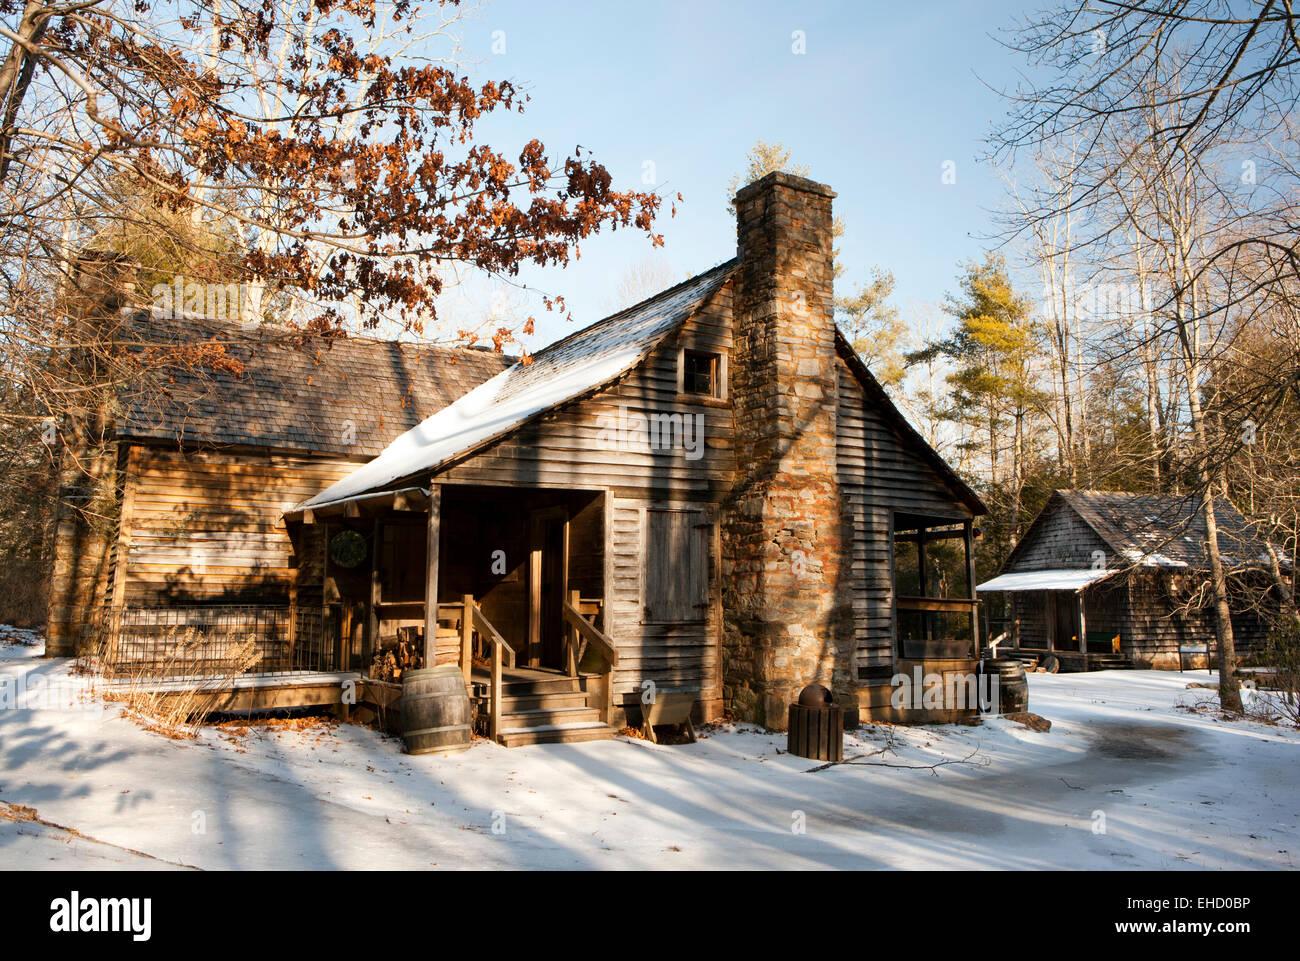 La morada de Ranger - Cuna de la silvicultura - Bosque Nacional Pisgah - cerca de Brevard, Carolina del Norte, EE.UU. Imagen De Stock